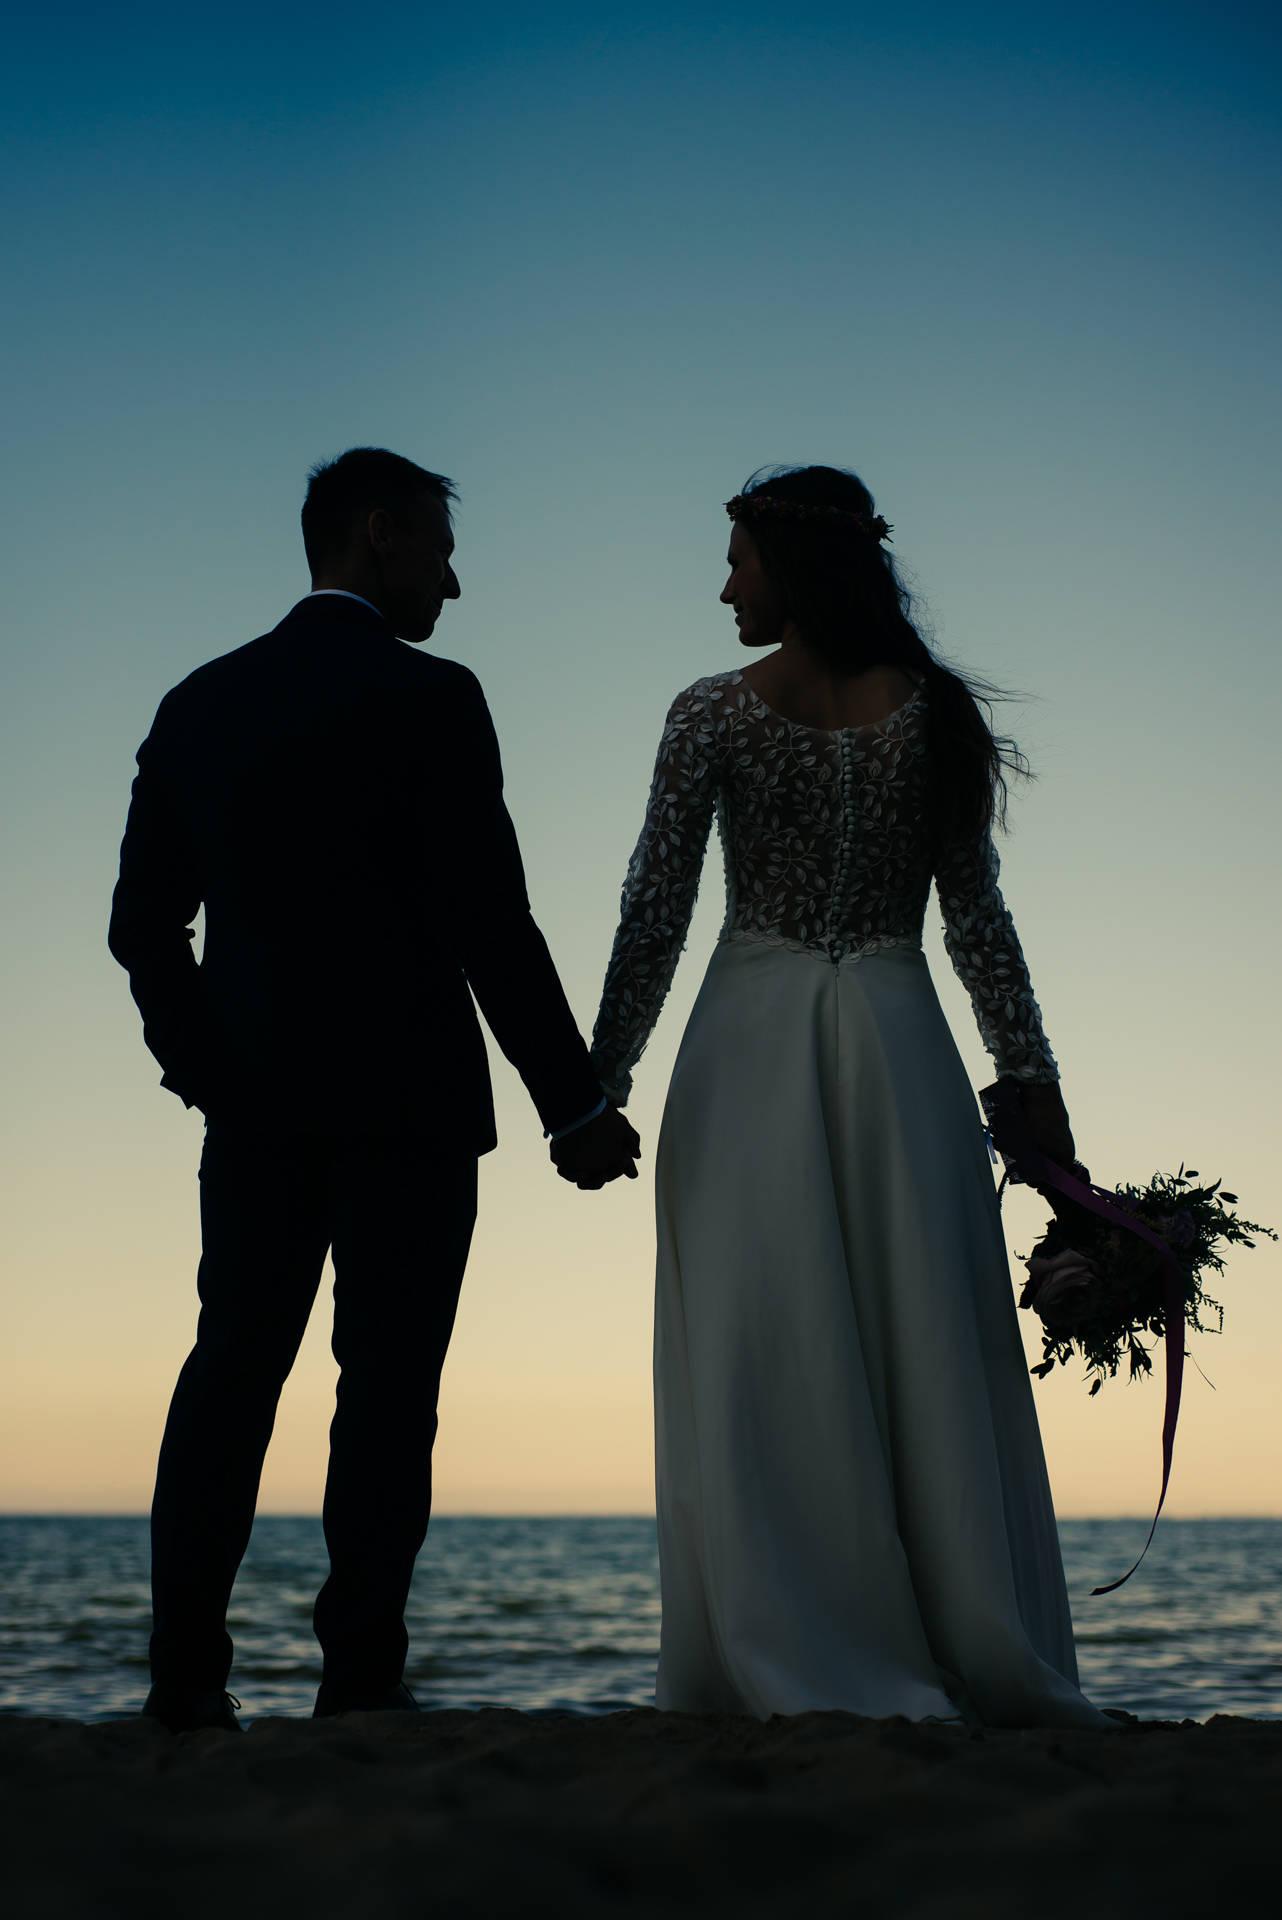 Sesja ślubna na plaży w Gdyni (na Babich Dołach) oraz w Kosakowie, wśród pól i łąk oraz nad samym morzem - Fot. Rafał Nitychoruk aparatowo.pl